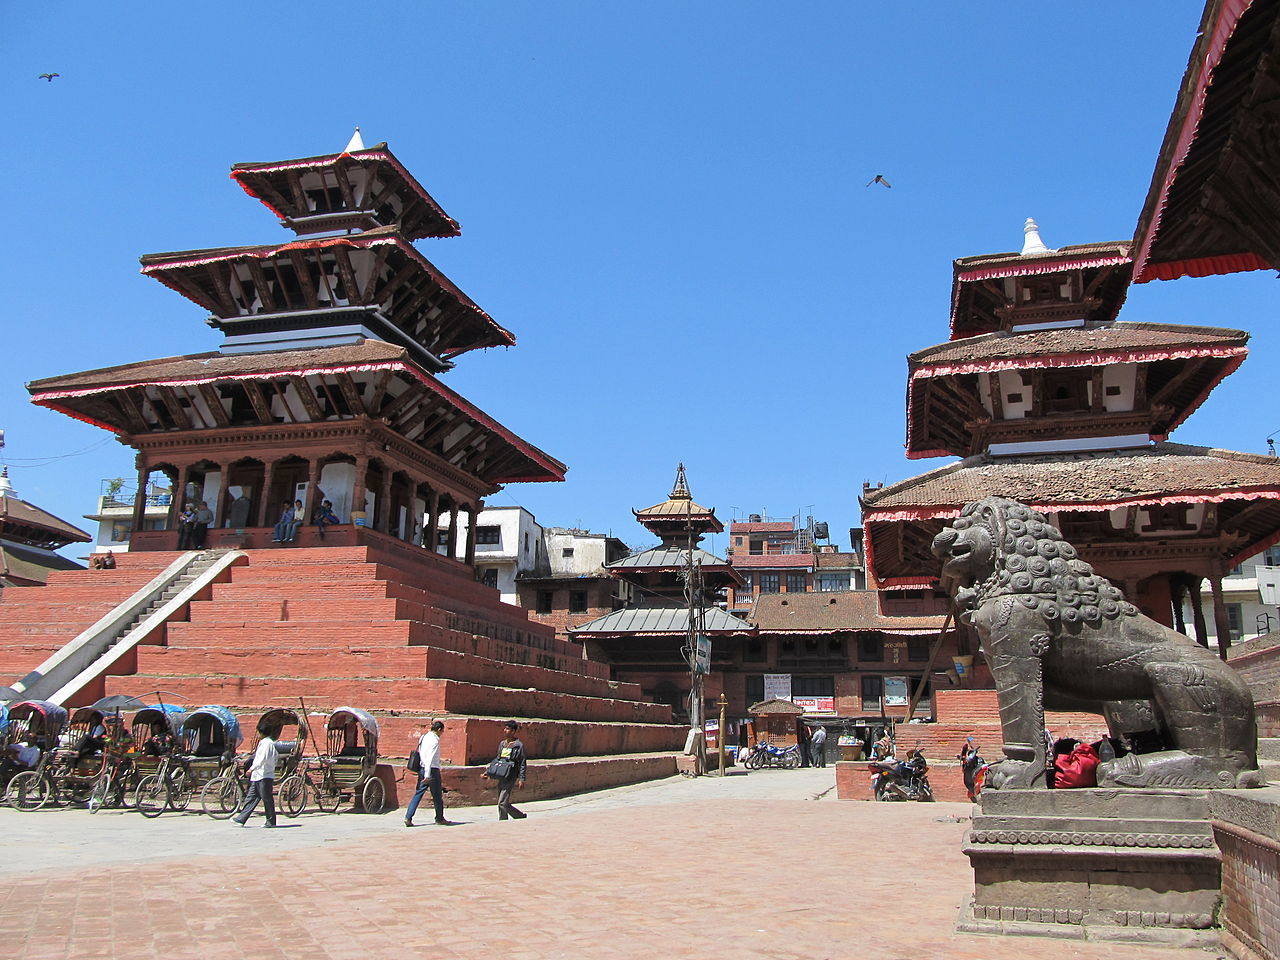 Kathmandu, photo by Sundar1